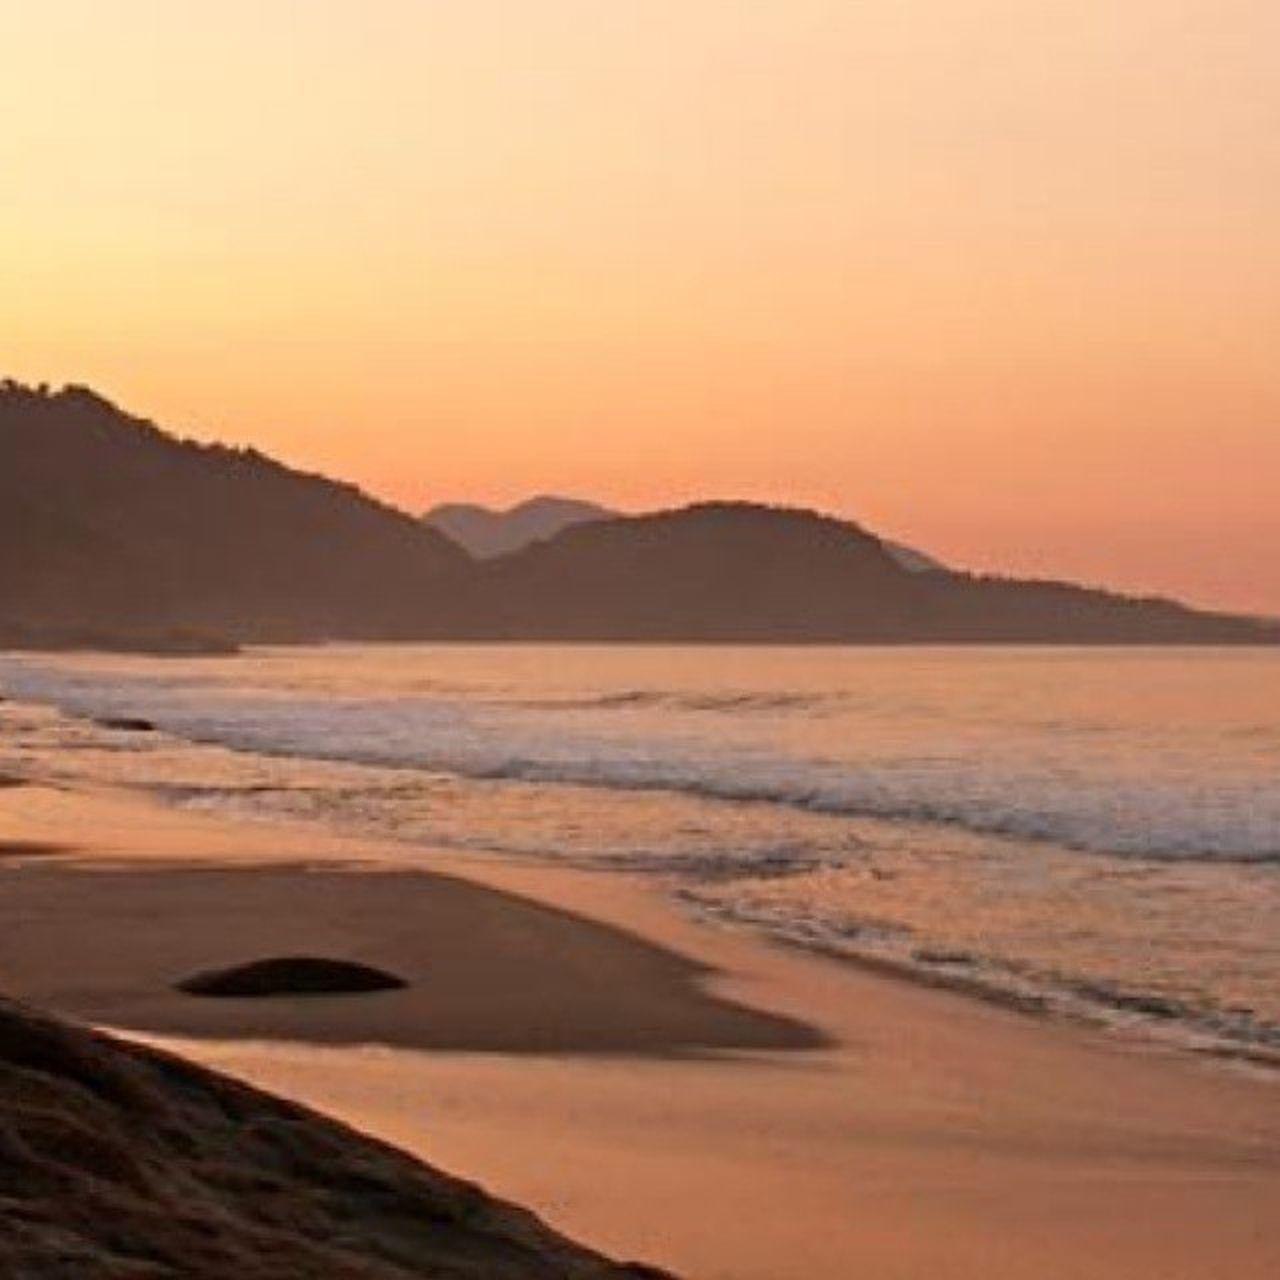 Eeee trindade saudades amanhecer na beira da praia não há nada igual Trindade Fimdeano Paz liberdadeAmigos Mar Boasvibracoes Paraty